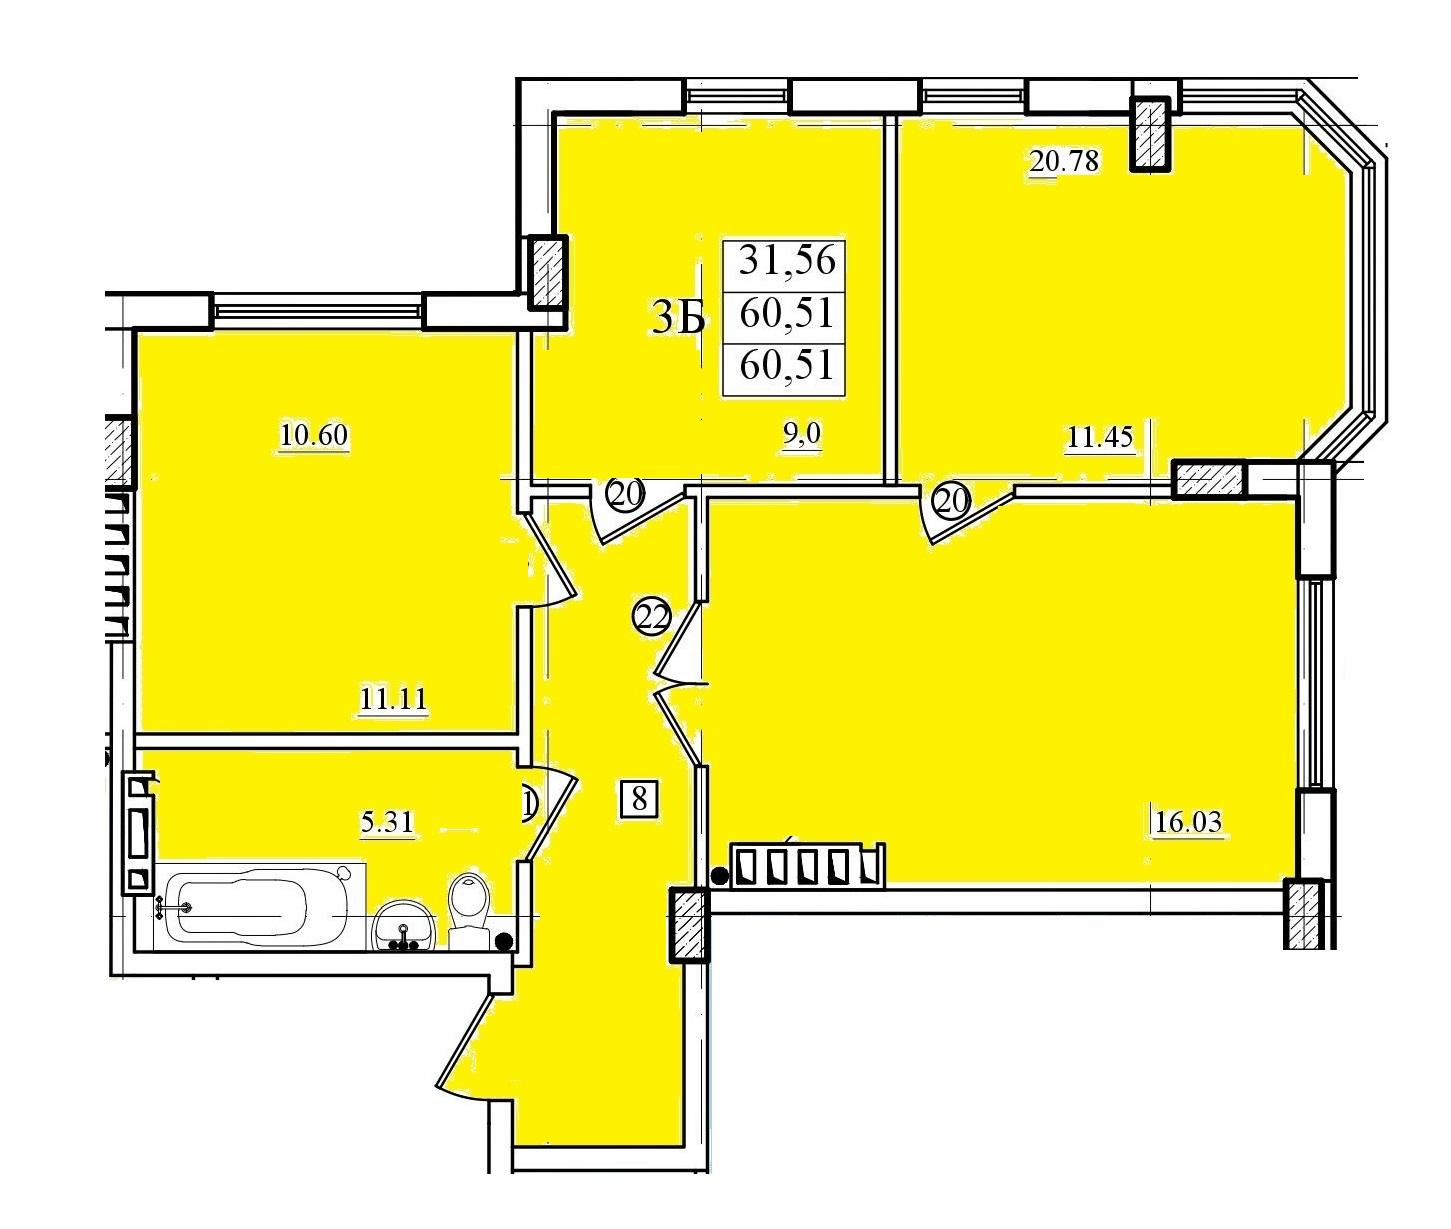 Трехкомнатная - ЖК Приморские Сады$37711Площадь:62,9 m²